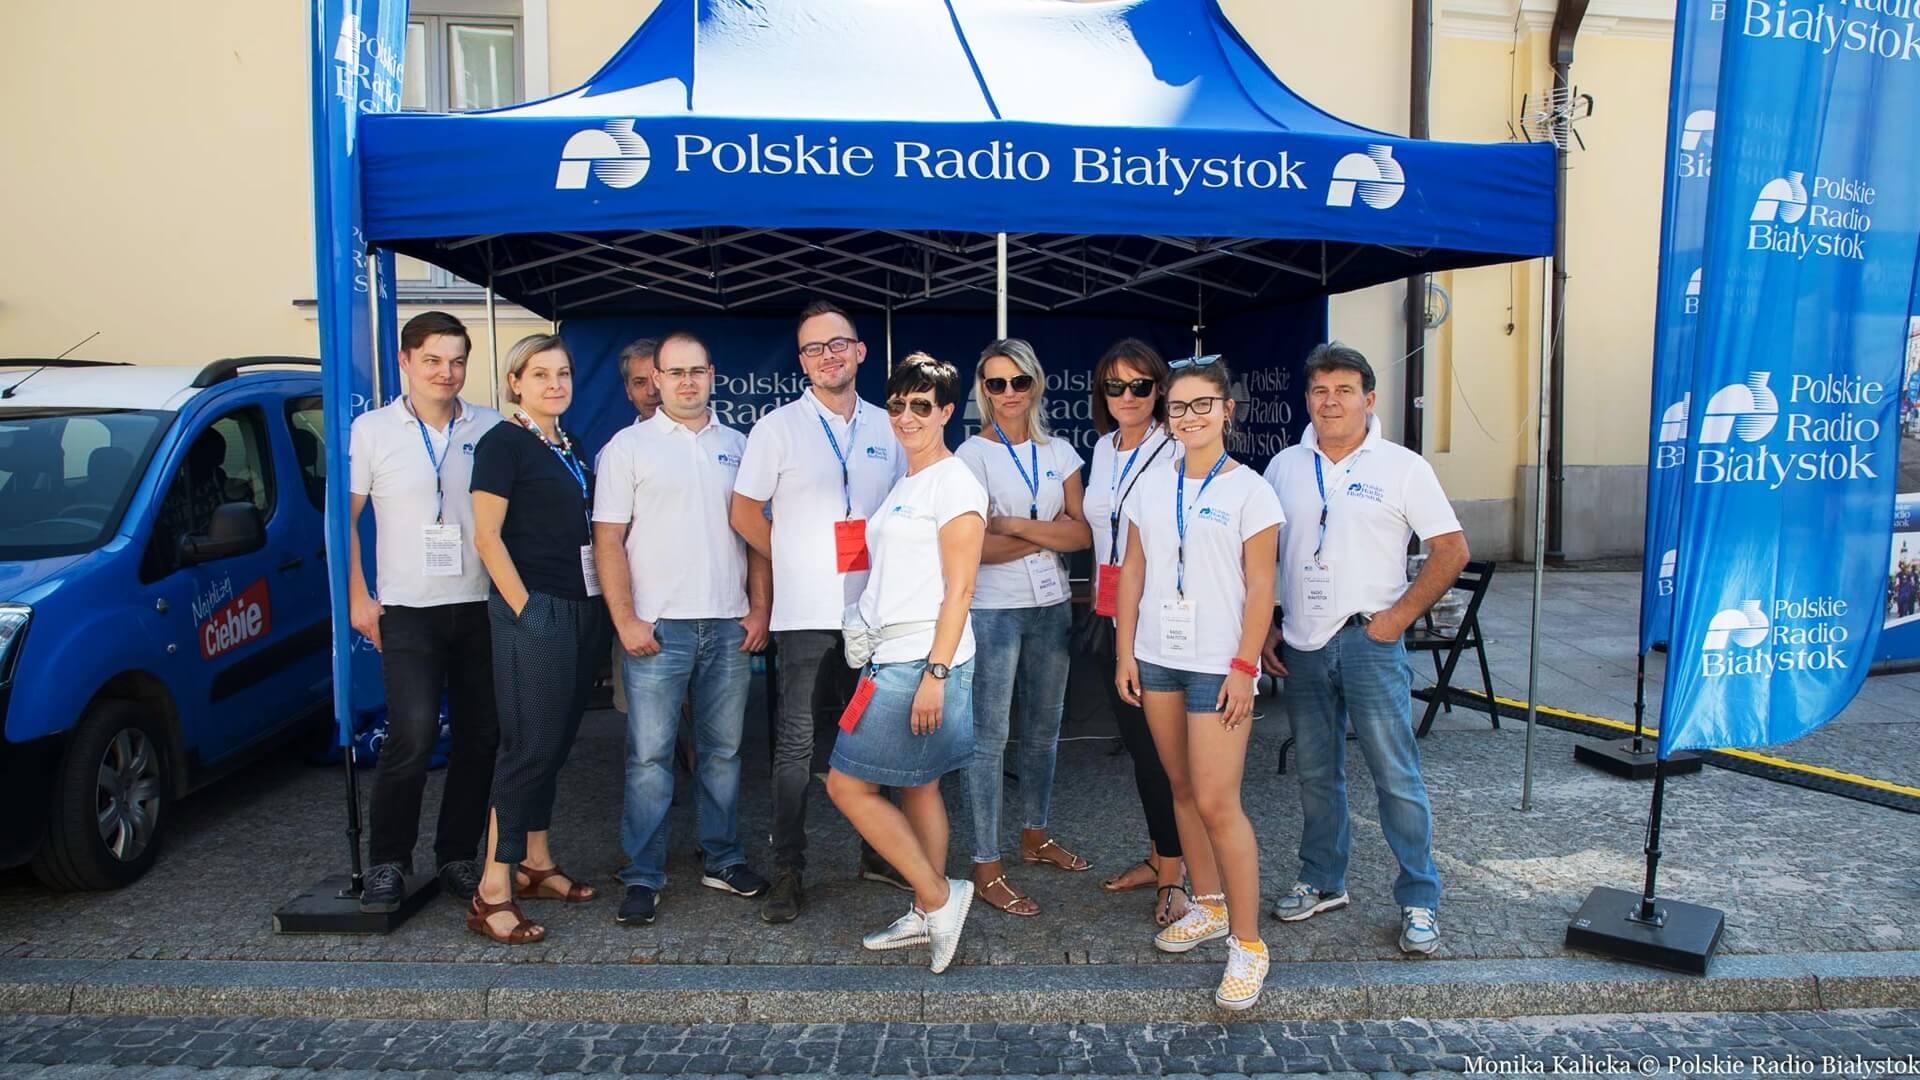 Plenerowe studio Polskiego Radia Białystok na Rynku Kościuszki, fot. Monika Kalicka